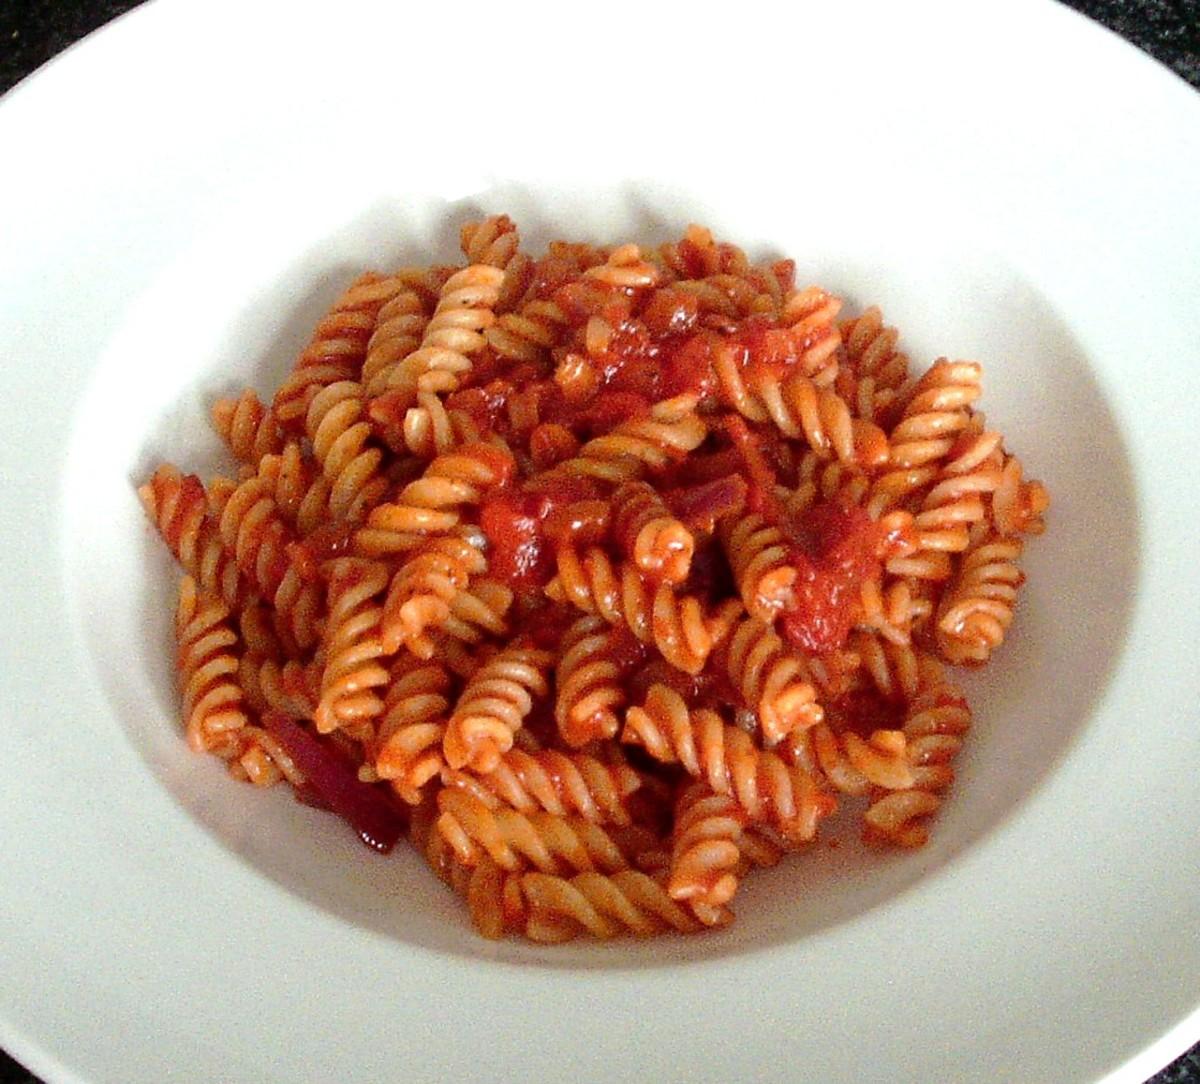 Fusilli pasta in tomato sauce